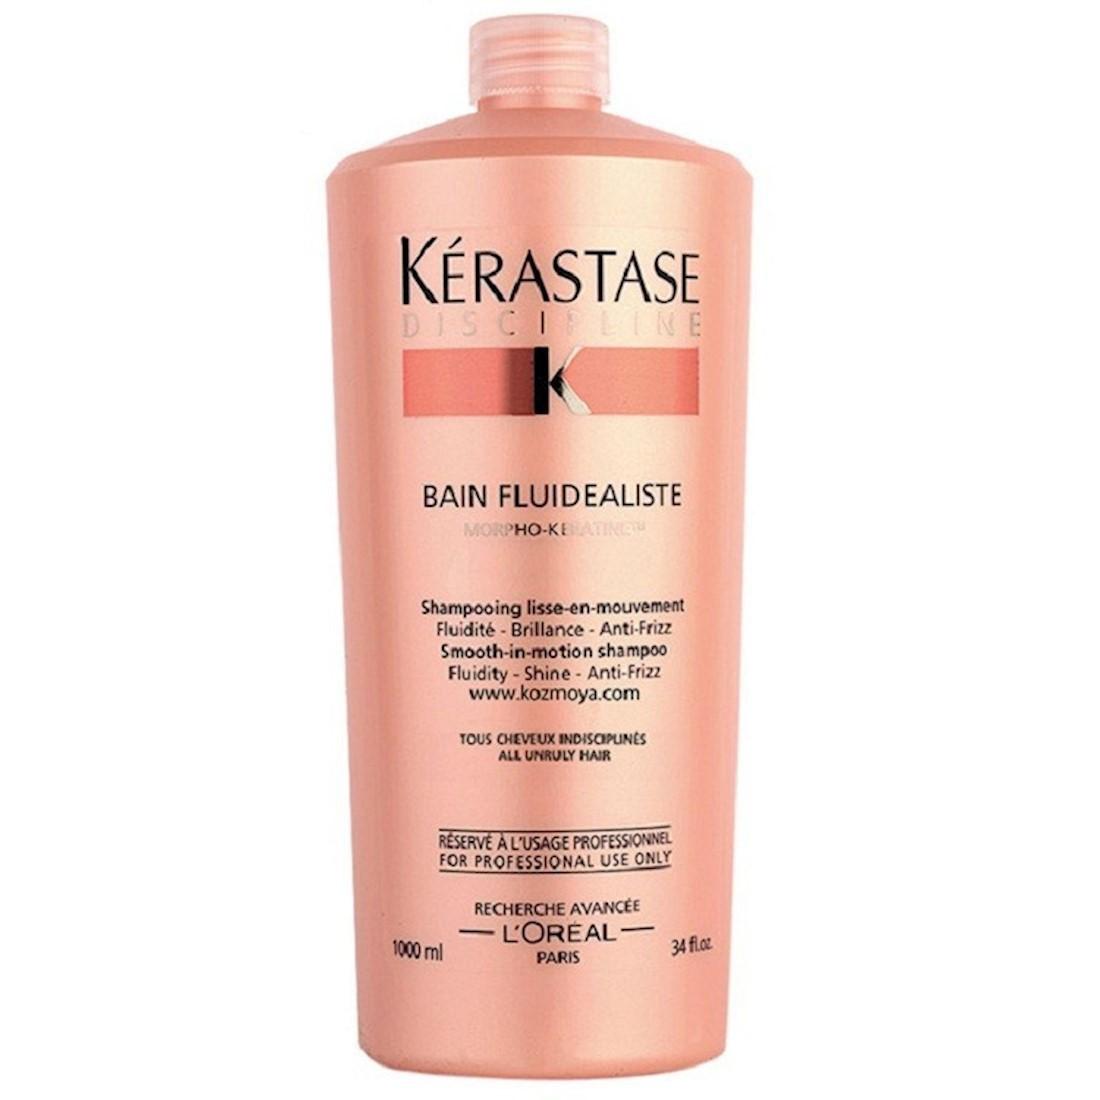 Kérastase Discipline Bain Fluidealiste Shampoo 1 L - CA